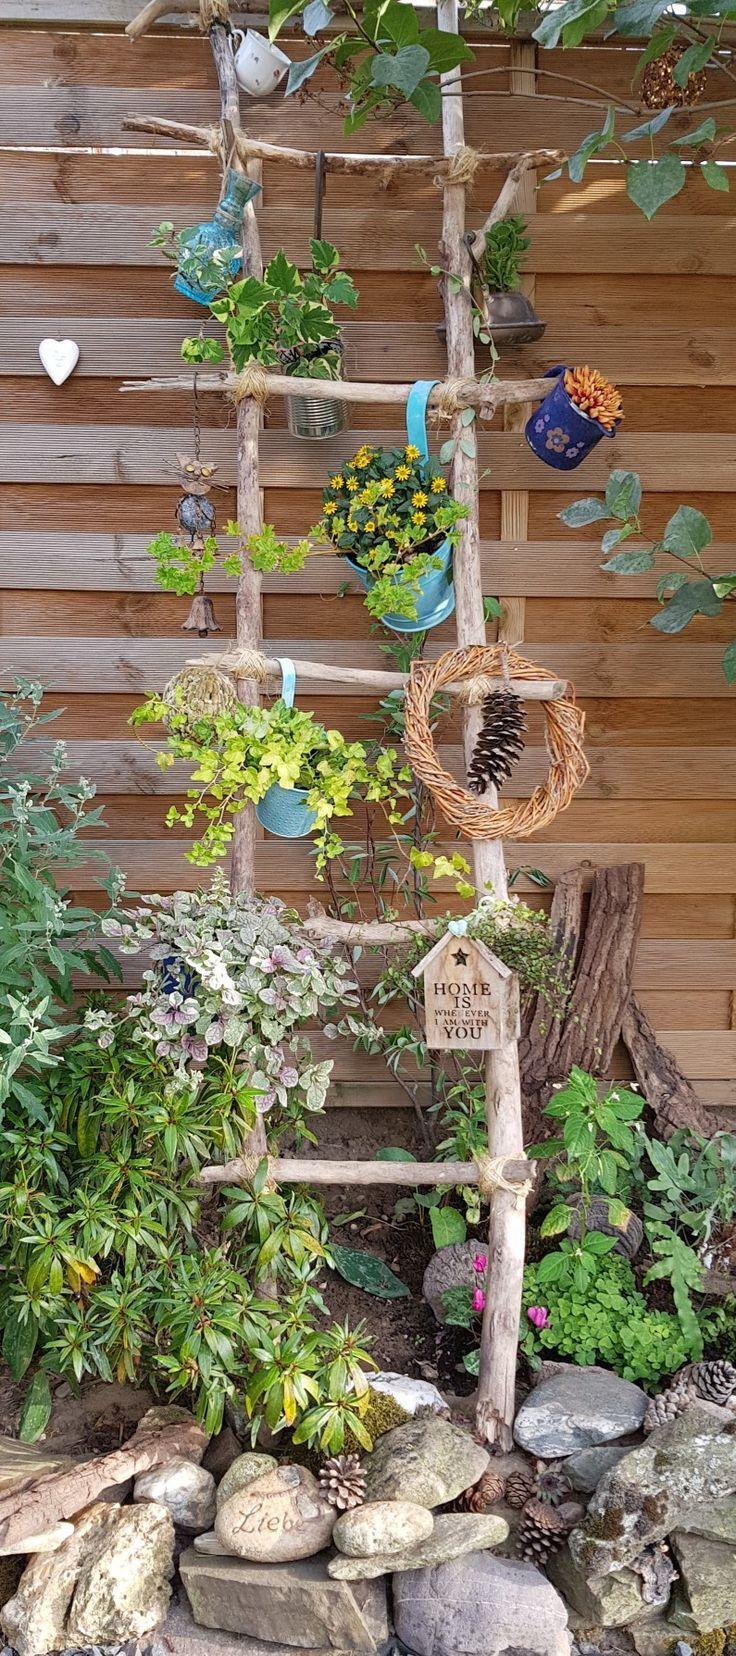 Treibholz Deko Garten Schön What You Can Do with Driftwood Another Idea for Driftwood